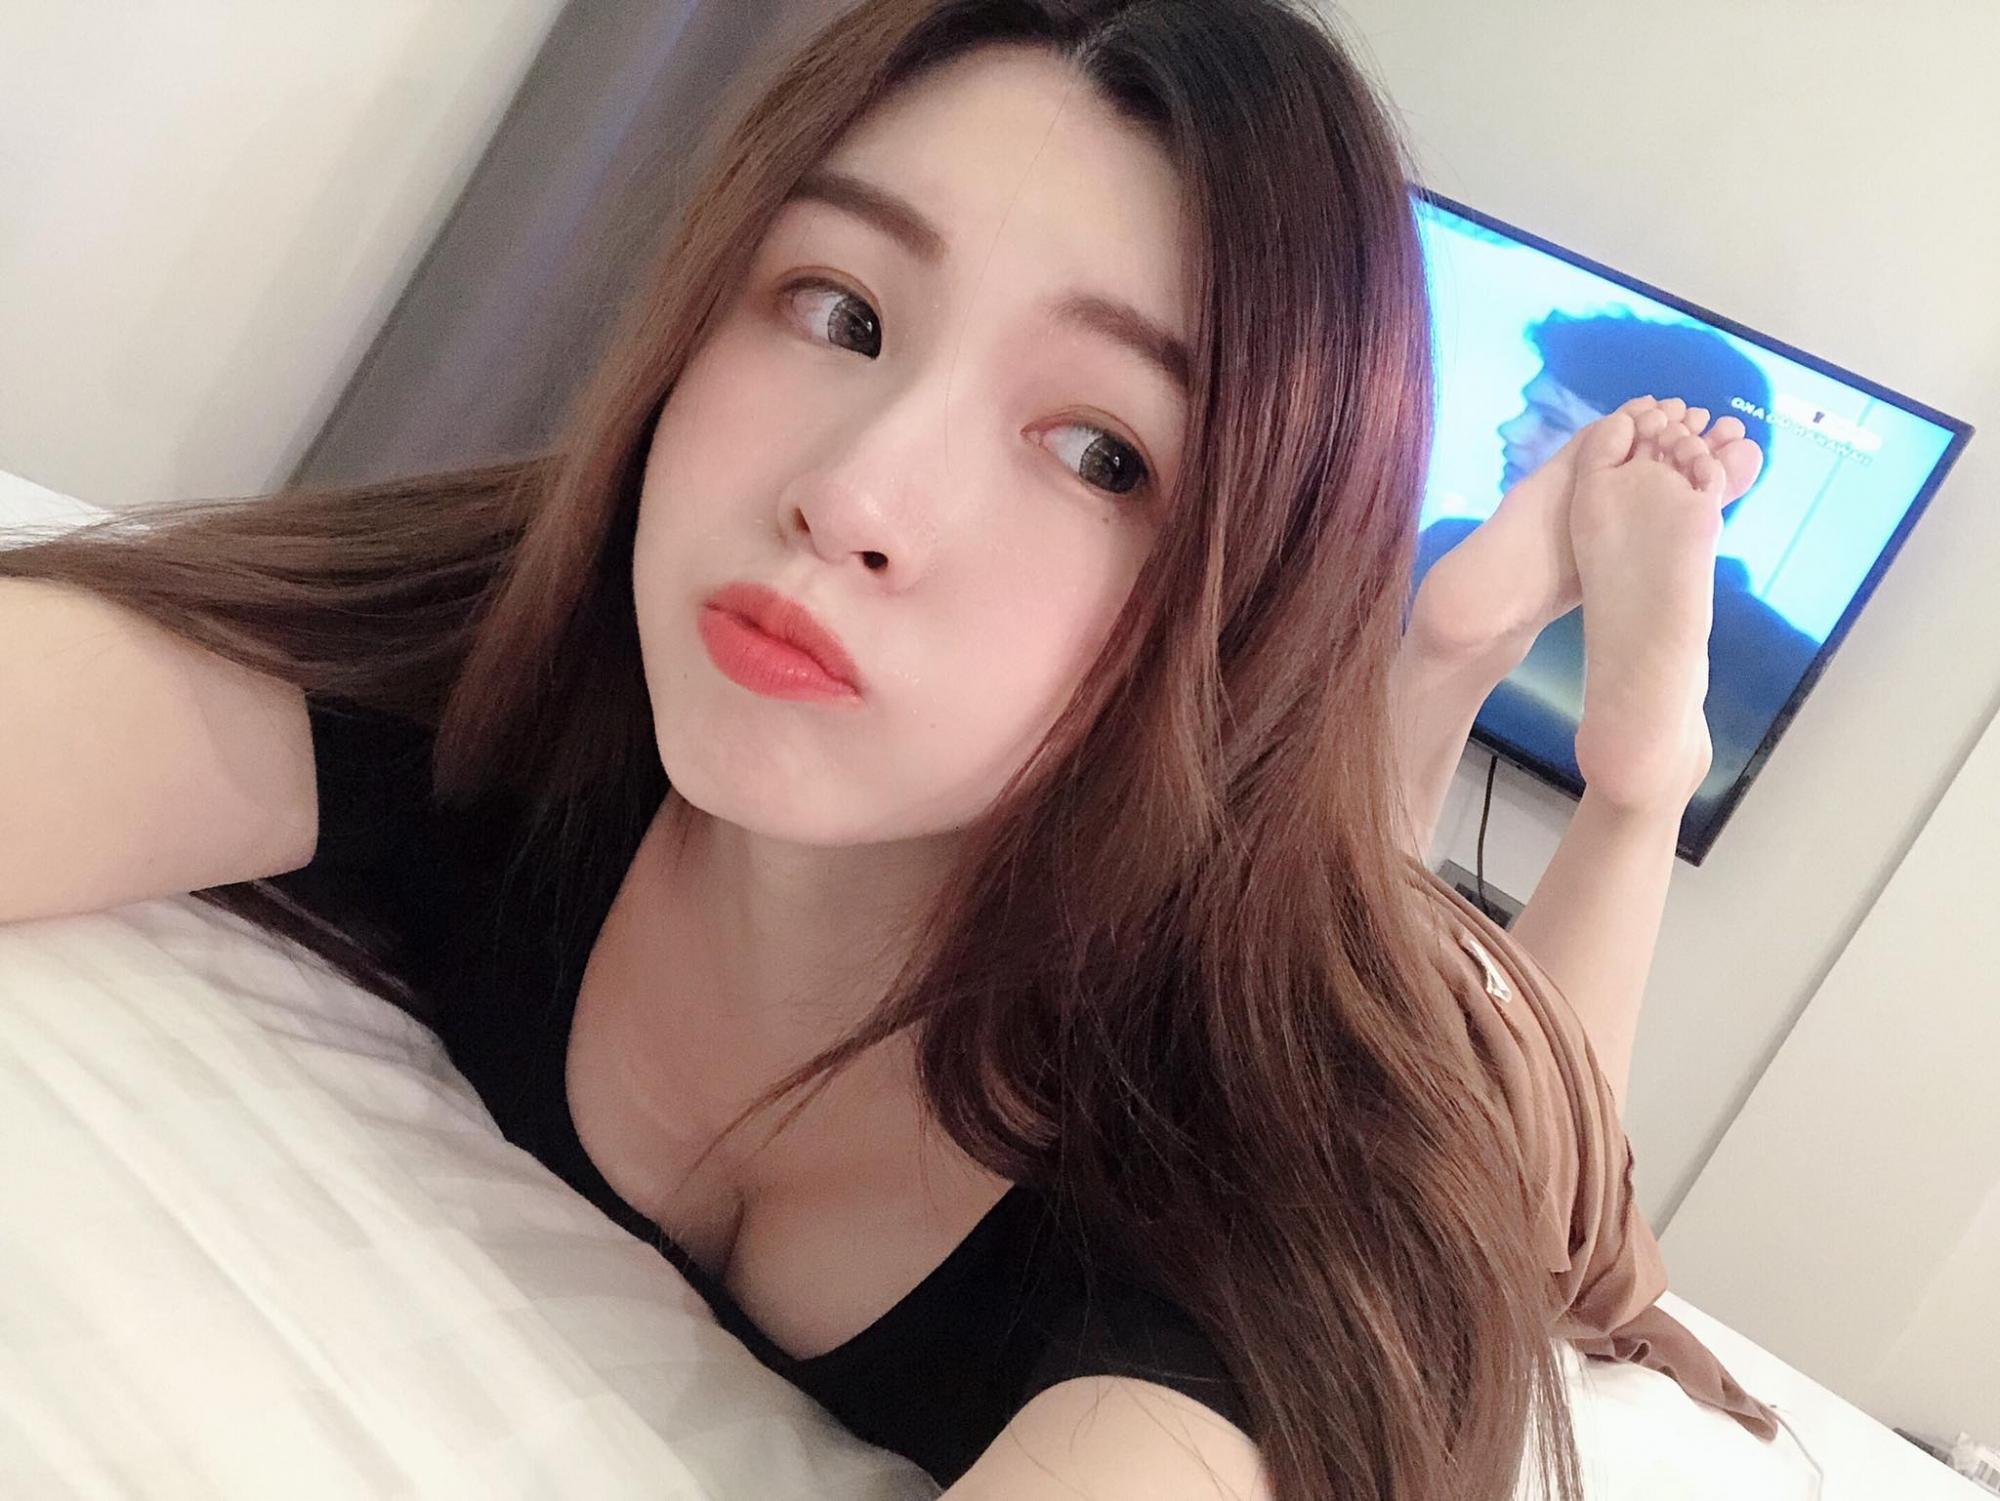 天使脸蛋蔡宥宥怎么穿就是藏不住F级胸器 养眼图片 第5张